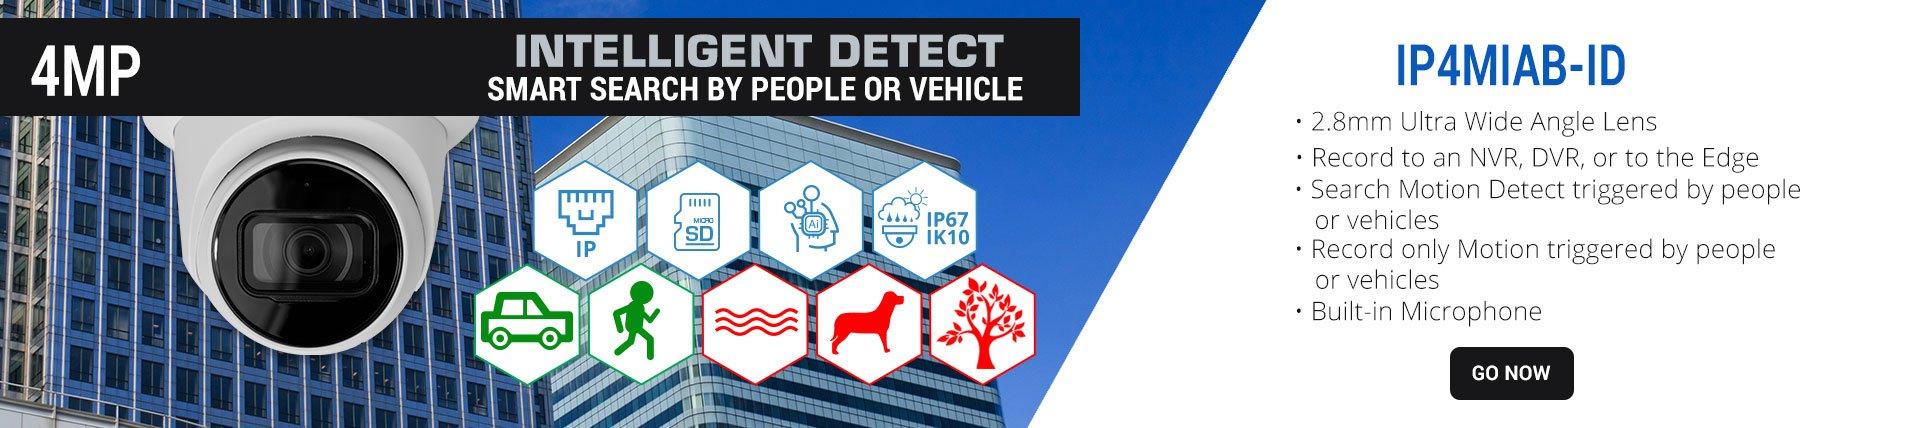 intelligent-motion-detect-ip-camera_ip4miab-id_20200417